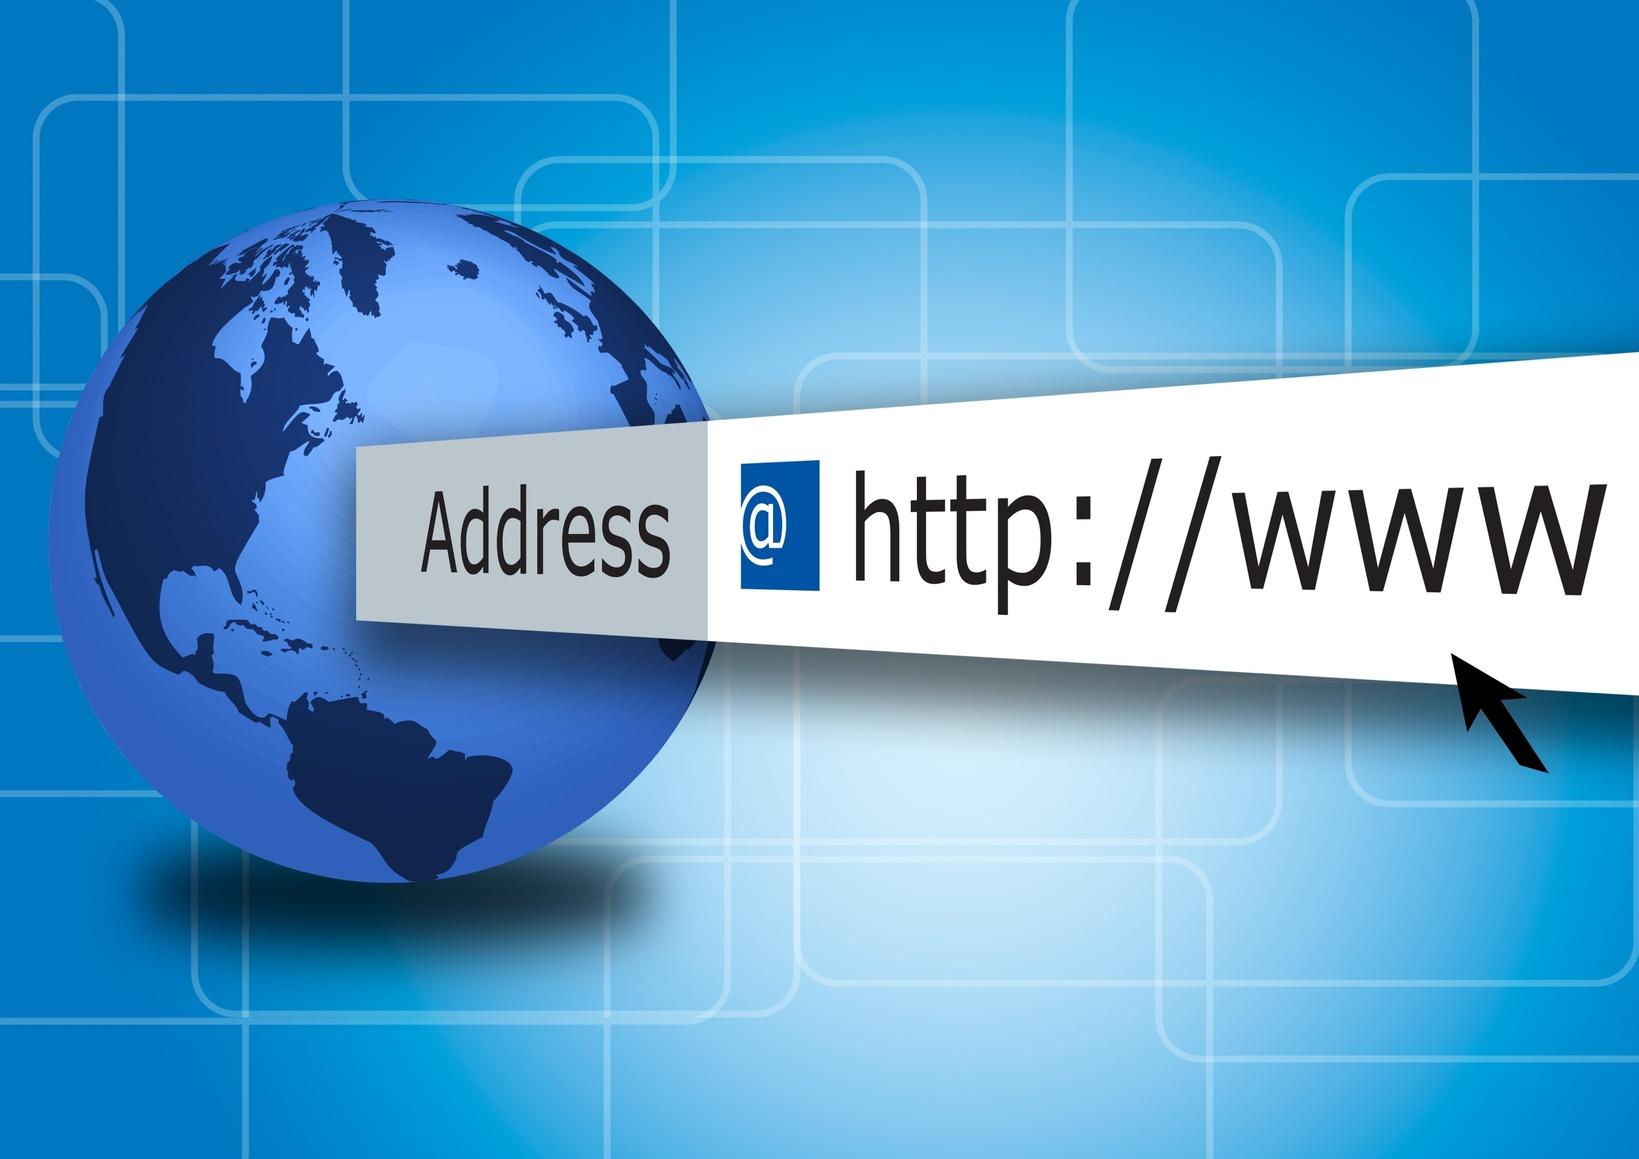 http www globe